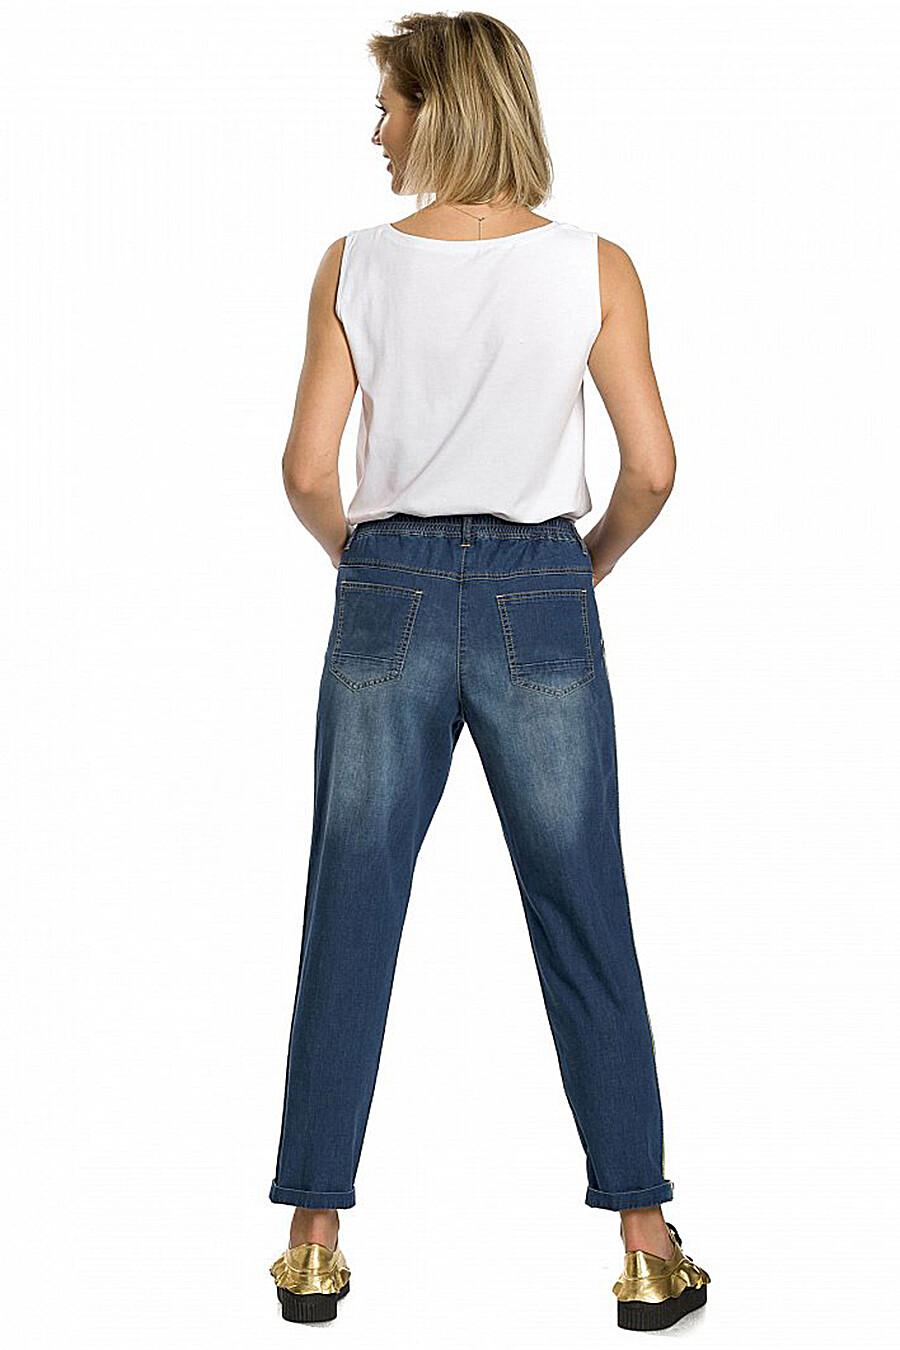 Джинсы для женщин PELICAN 131338 купить оптом от производителя. Совместная покупка женской одежды в OptMoyo